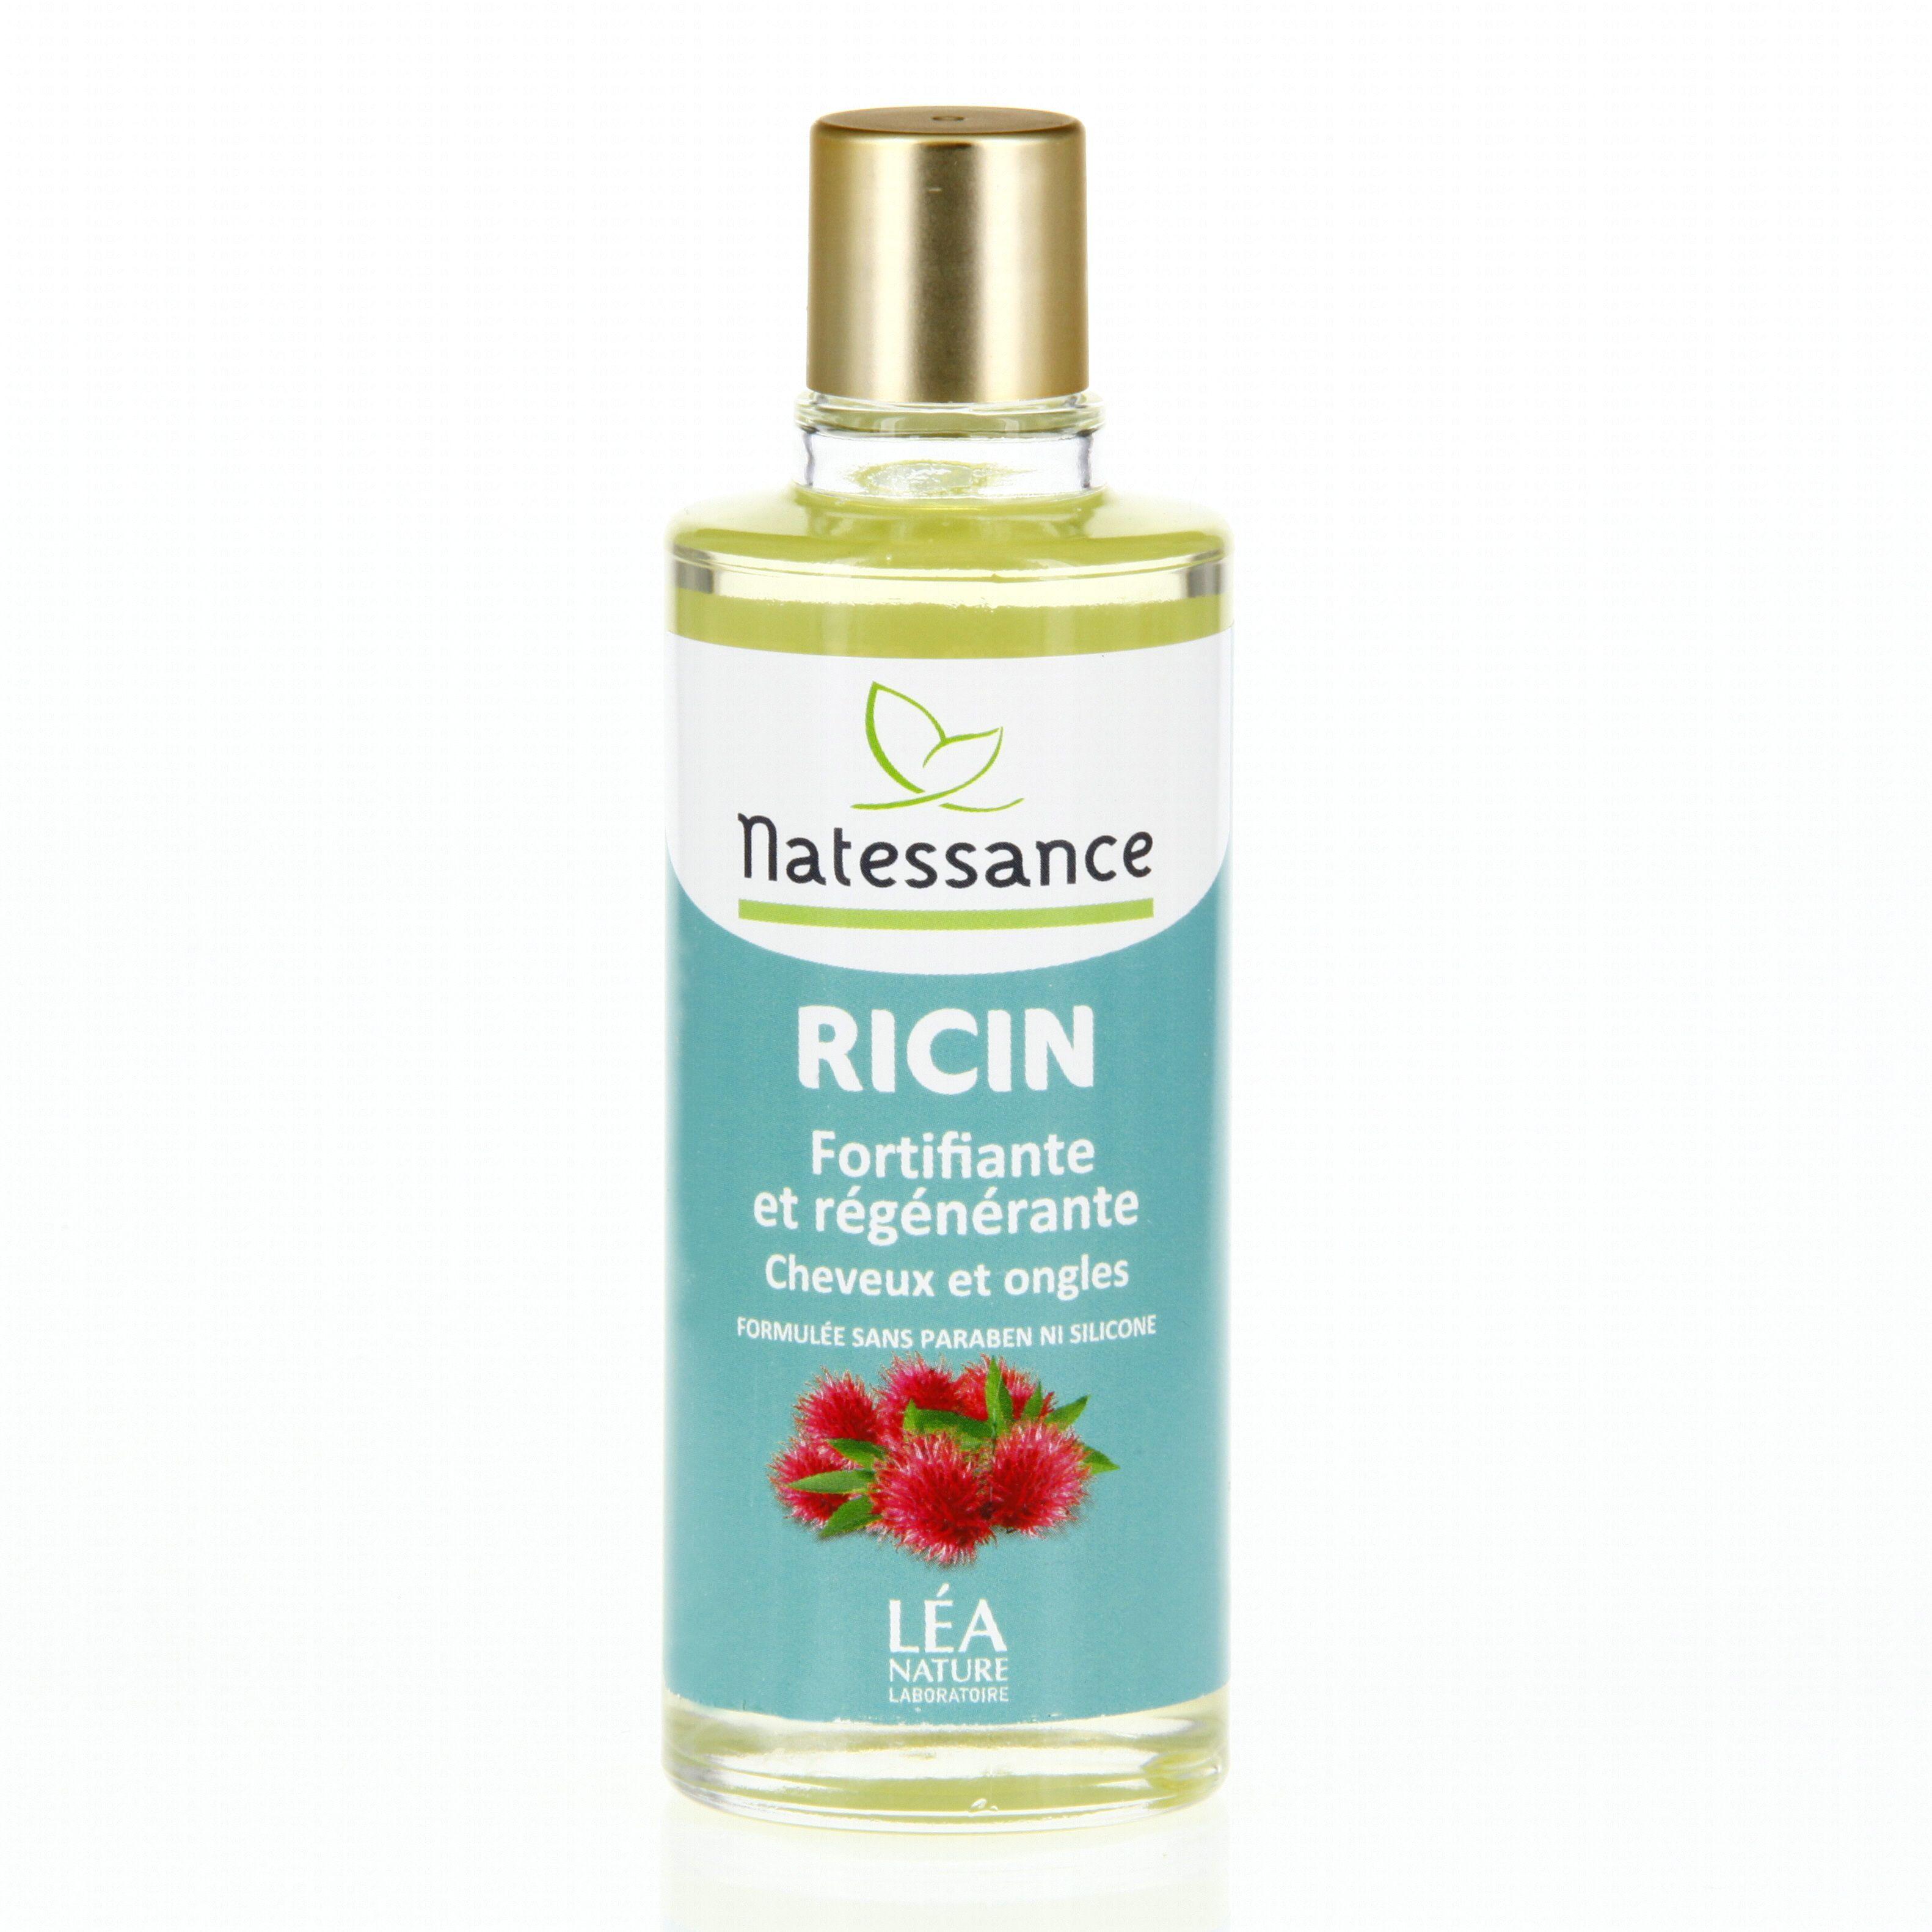 natessance huile de ricin fortifiante et r g n rante cheveux et ongles flacon 100ml 22465 201